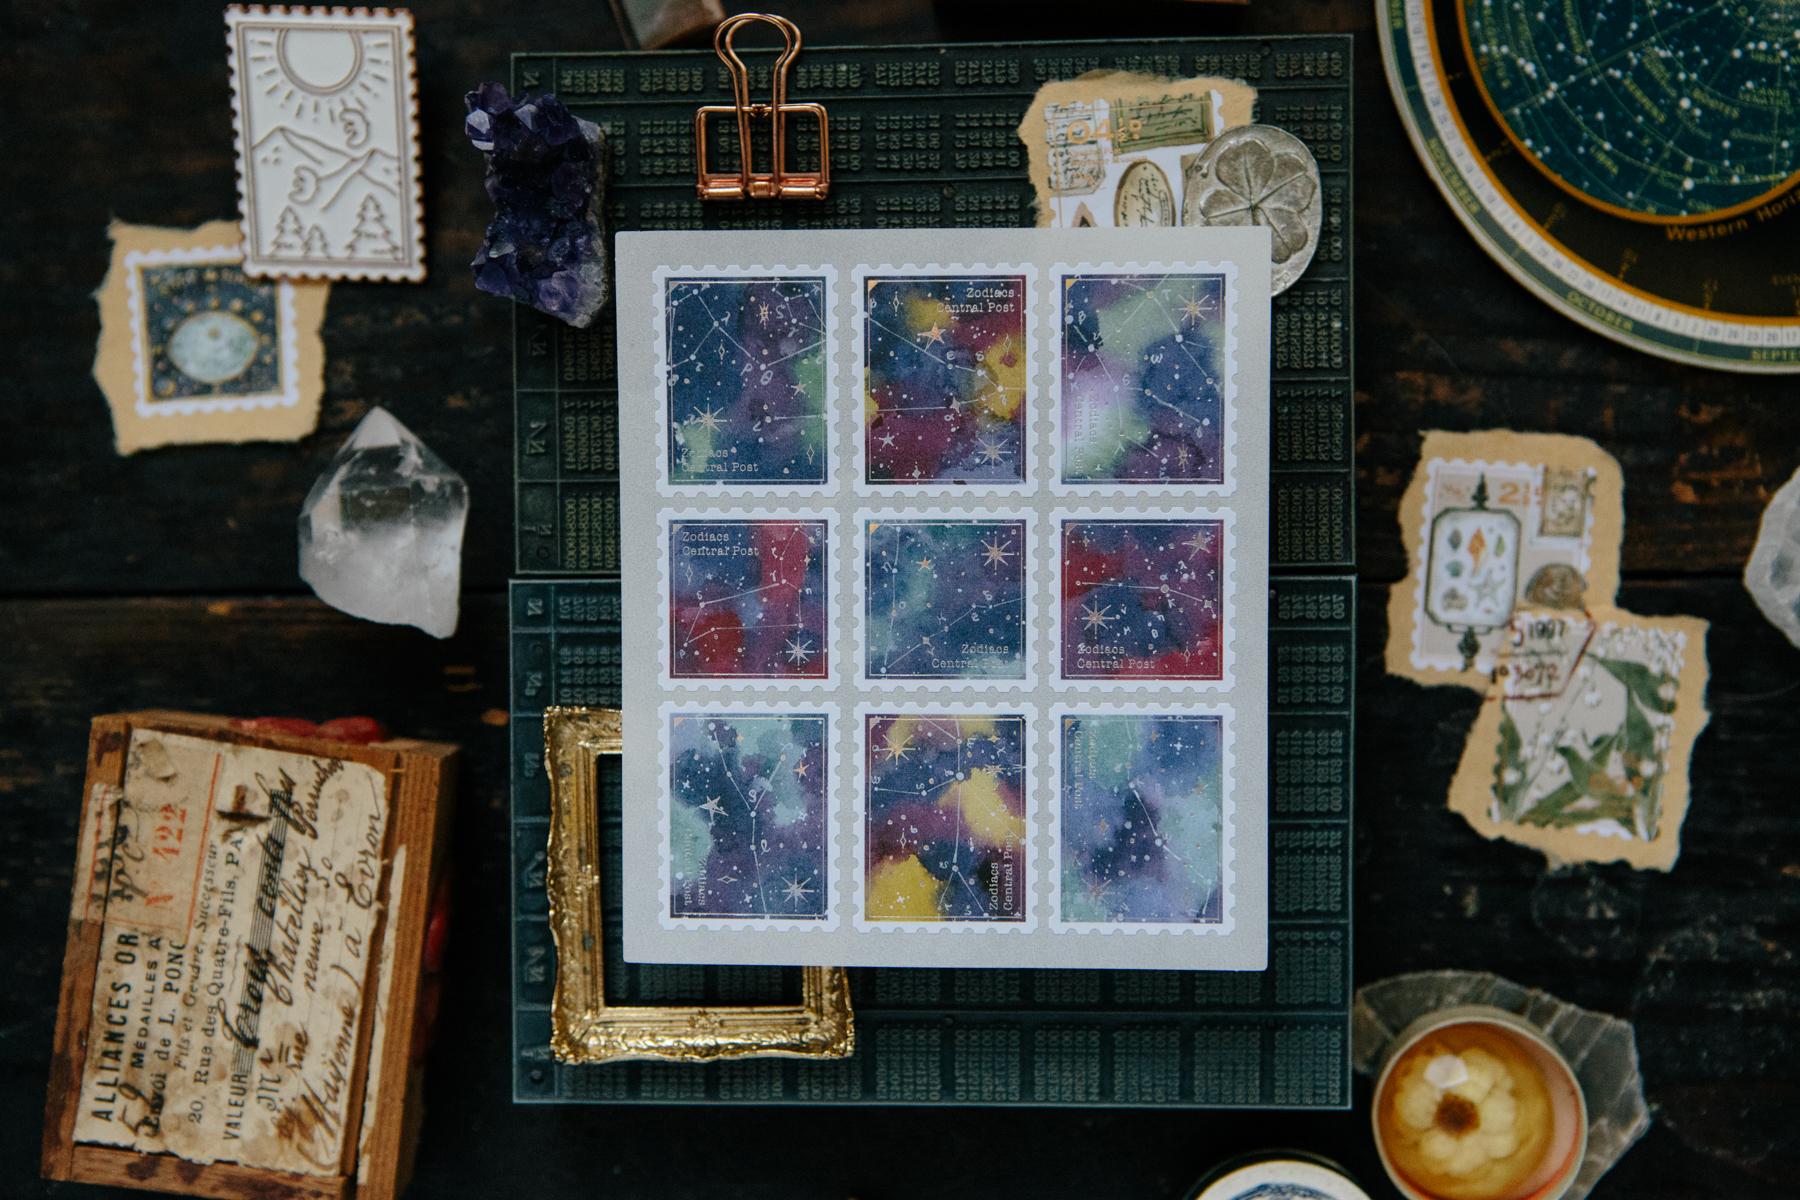 OURS 抽屜之中 黃道星空 星座 郵票貼紙